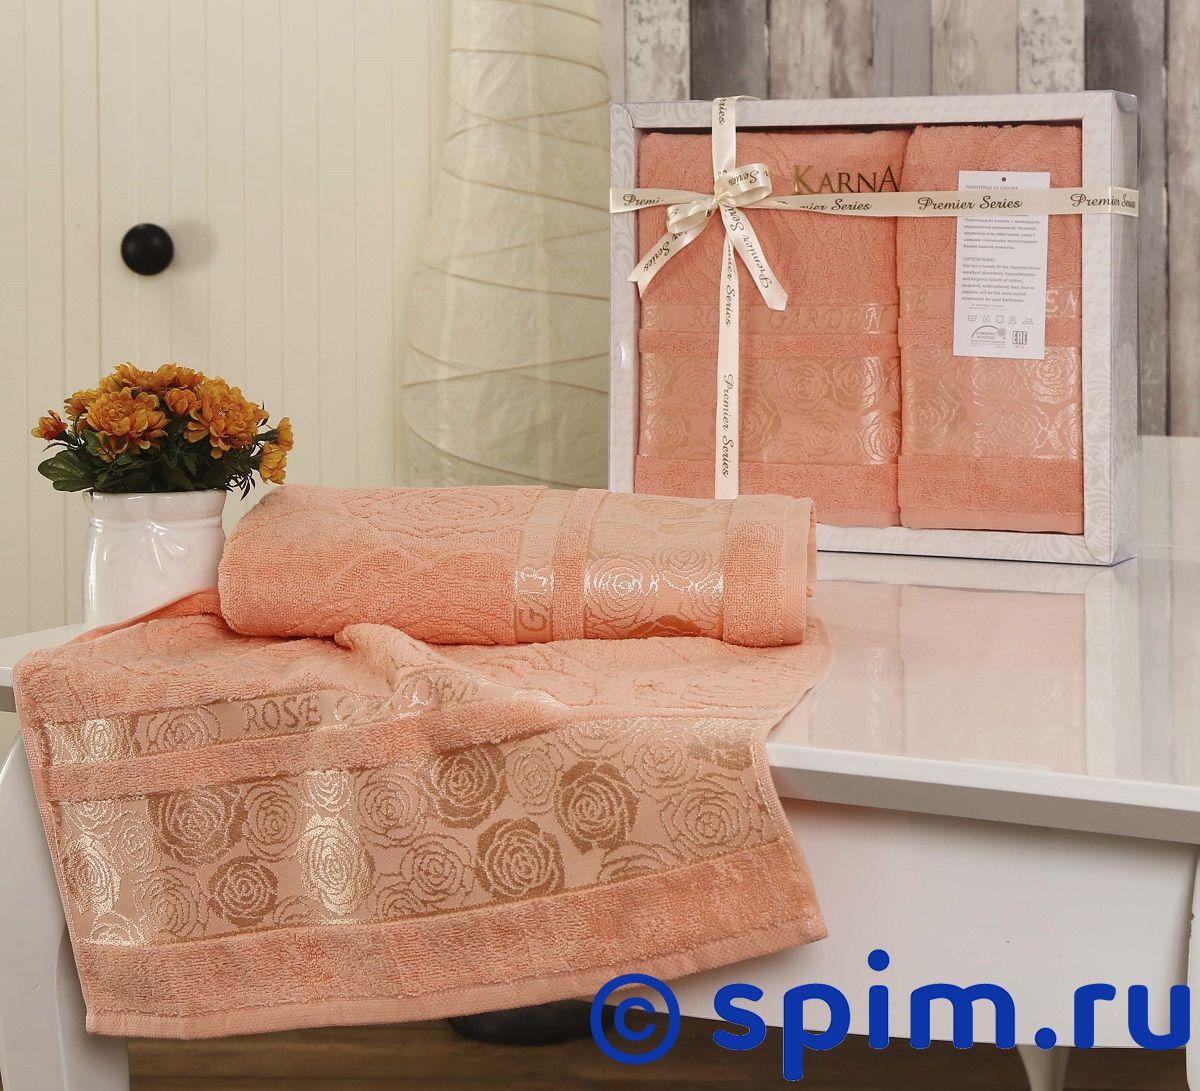 Комплект полотенец Karna Rose Garden, коралловый